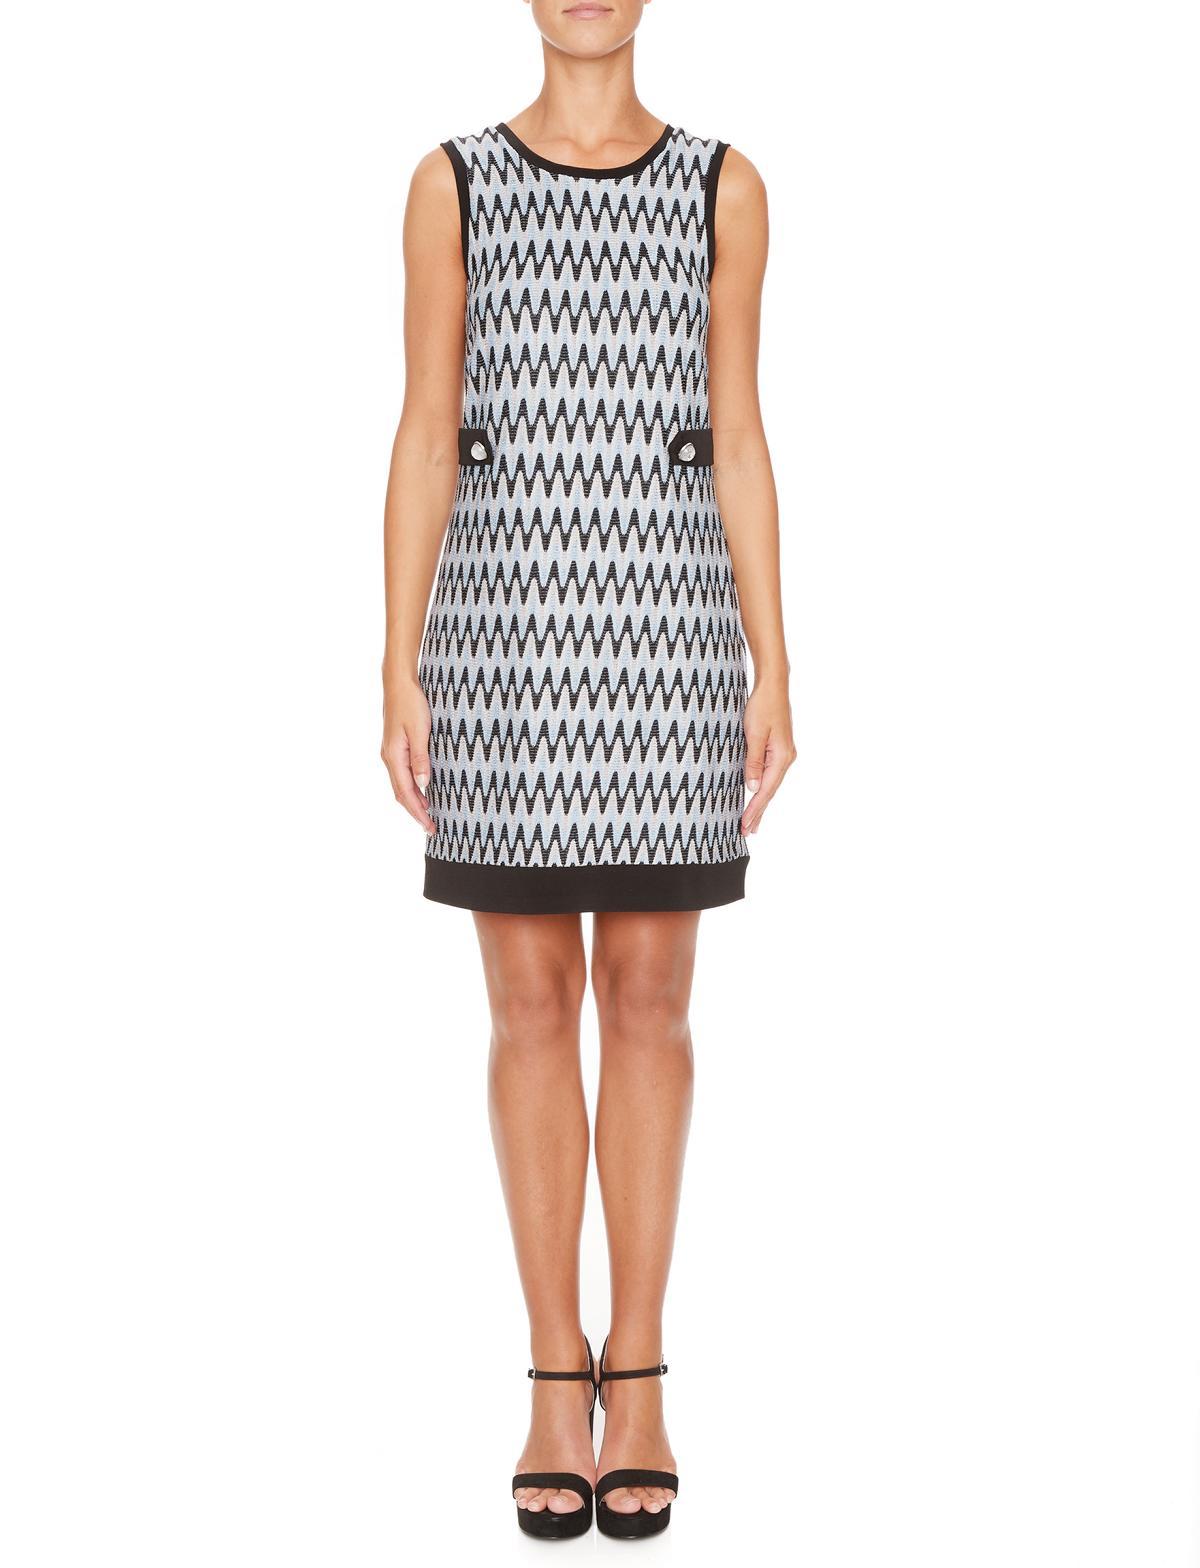 Vorderansicht von Ana Alcazar A-Linien Kleid Mailyke  angezogen an Model